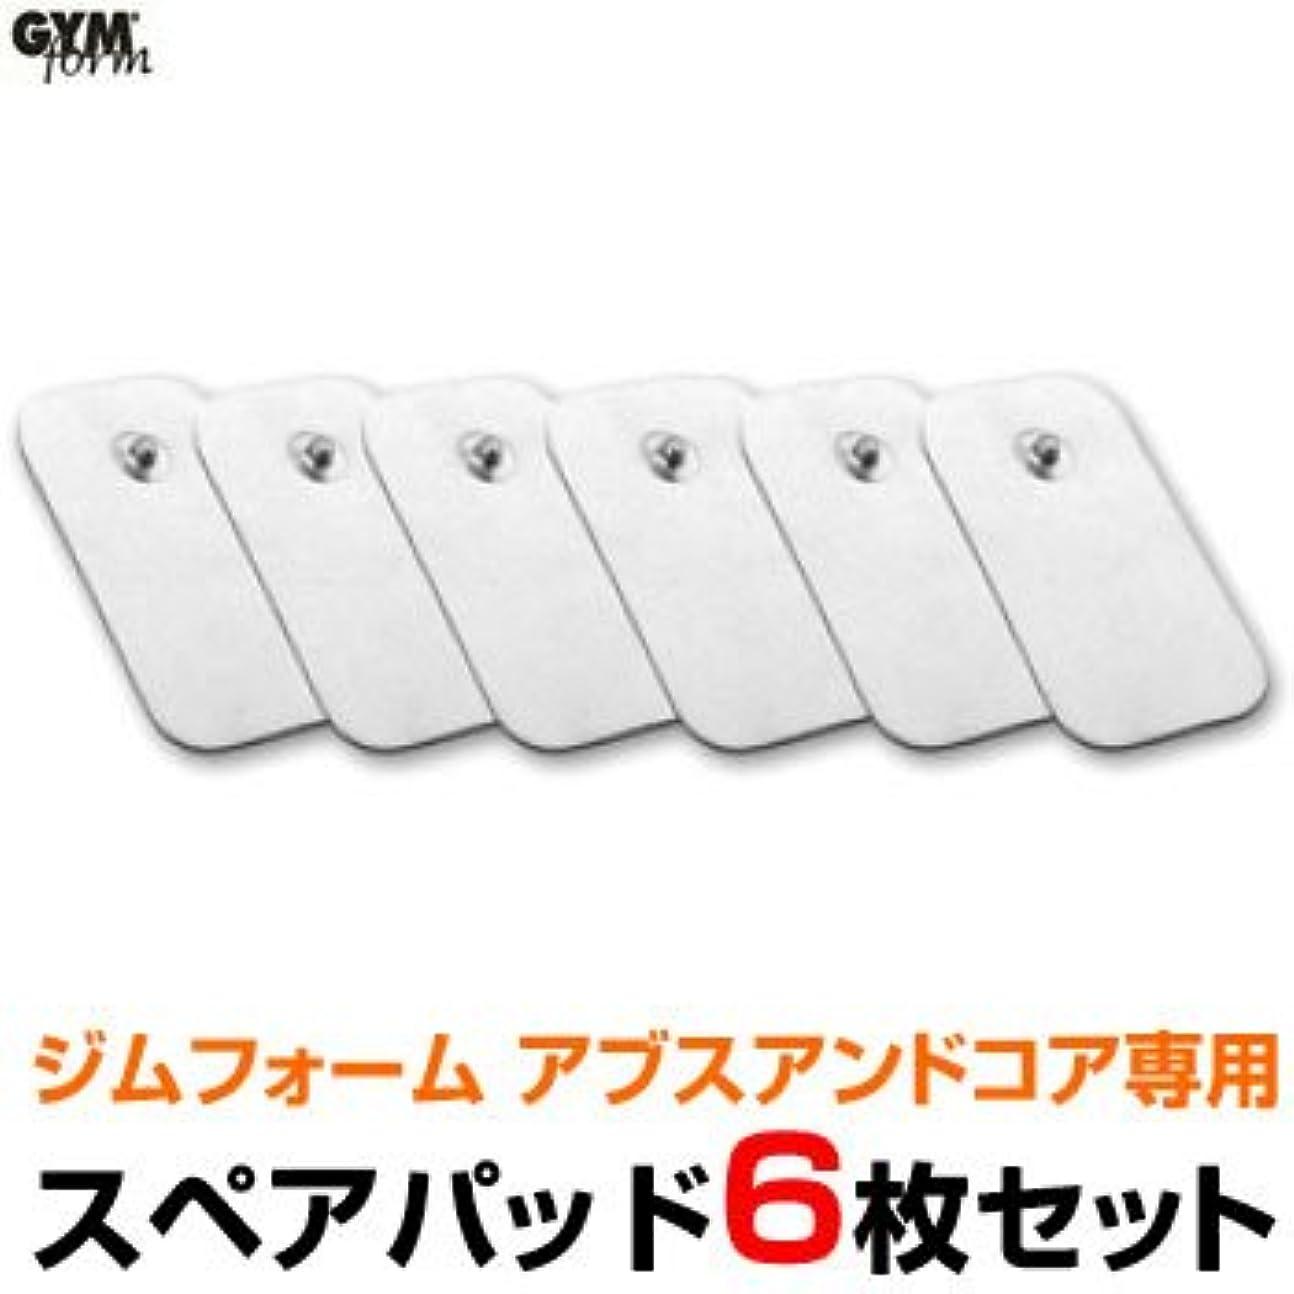 コンベンション告発者現実的ジムフォーム アブス&コア専用スペアパッド(GYMform ABS&CORE)6枚セット